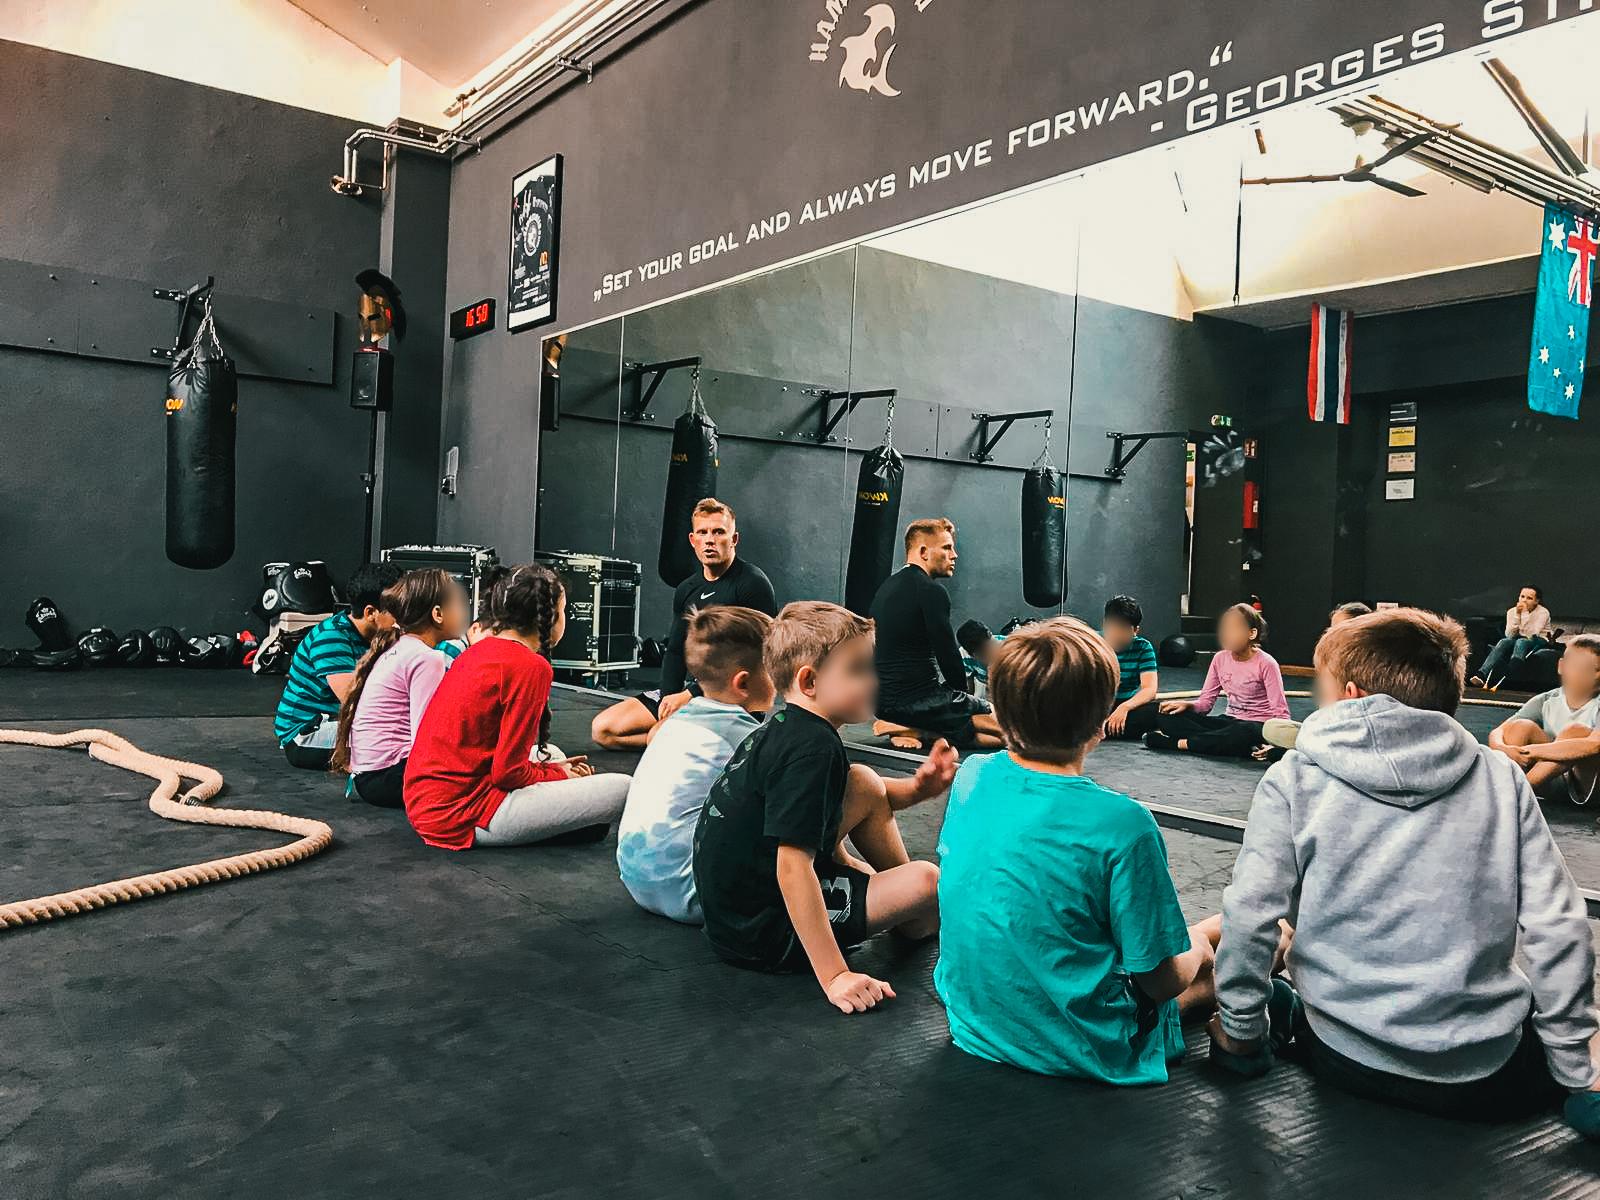 Kids class - Luta Livre / KickboxingFörderung von Selbstdisziplin sowie Respektvollen Verhalten in einem sicheren Trainingsumfeld. Steigerung der physischen und psychischen Leistung mittels spielerischer Abläufe und funktionellen Kampfsport Techniken.